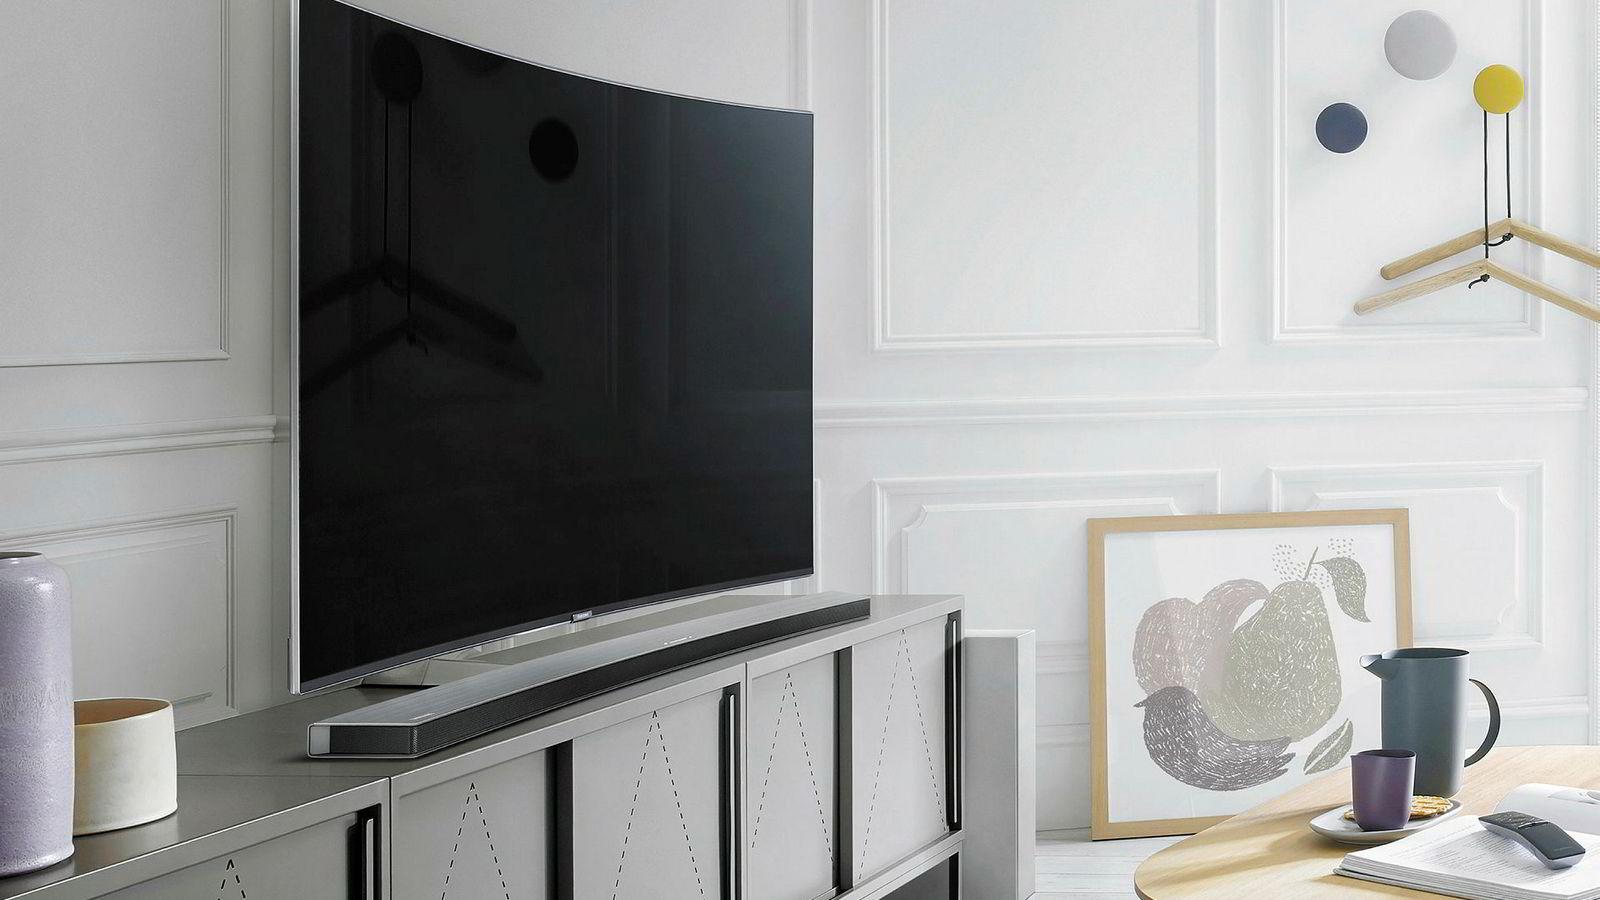 Samsung og LG er erkerivaler på tv-markedet. Vi har satt toppmodellene opp mot hverandre.